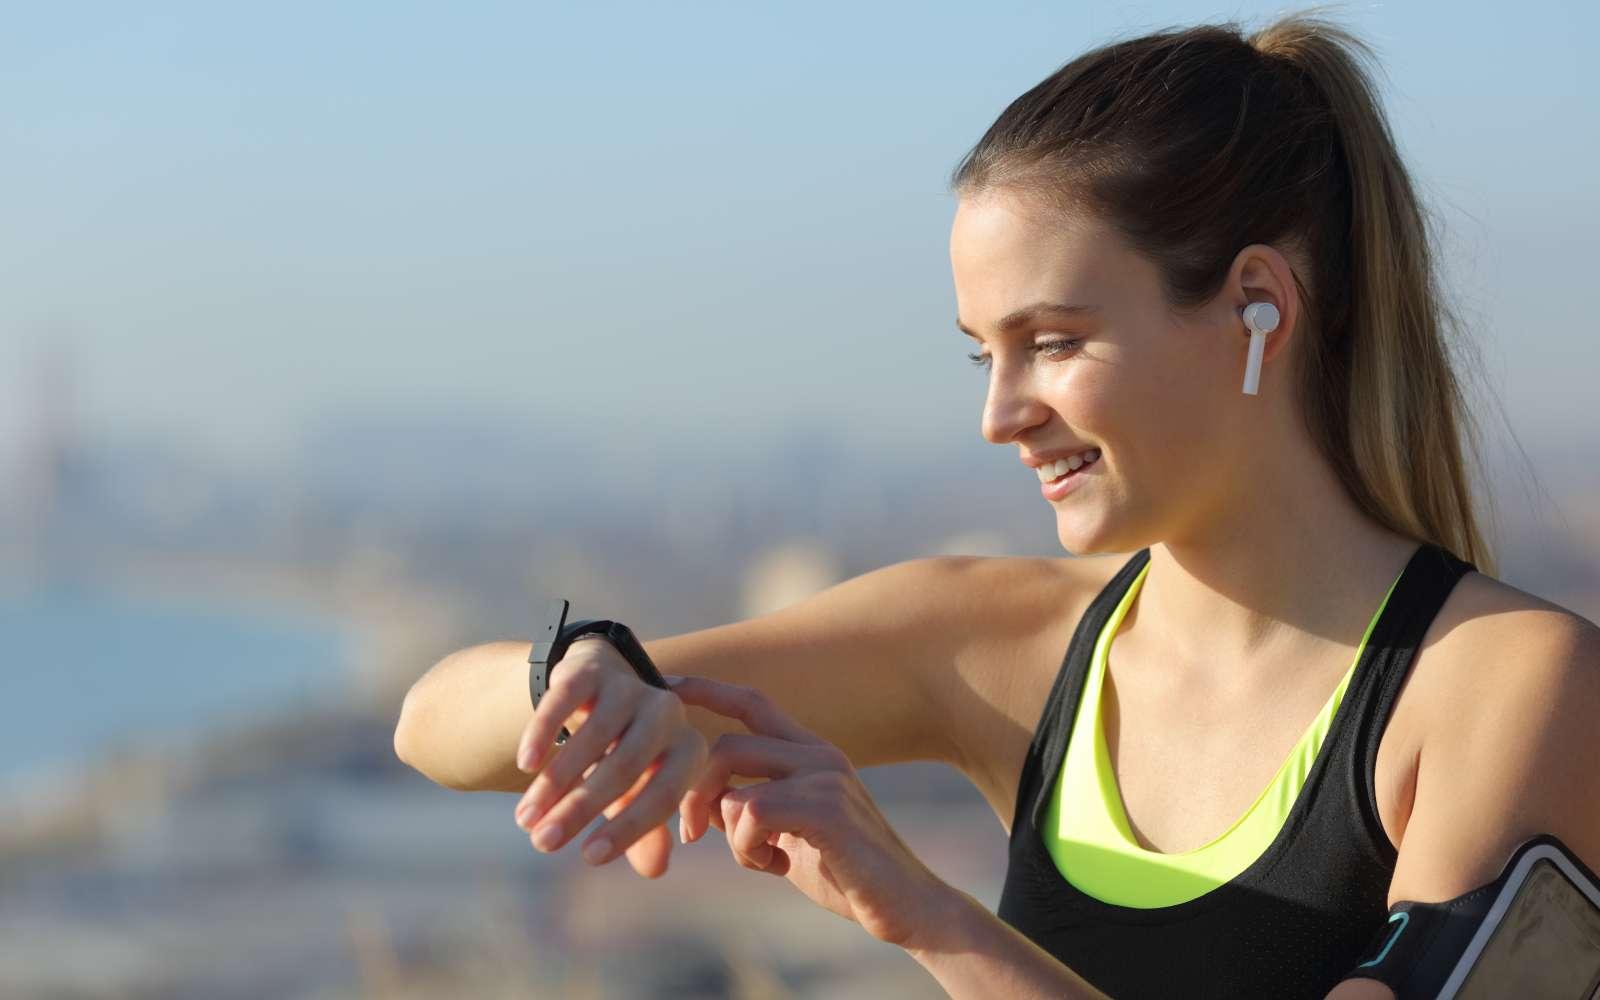 ragazza runner controlla la frequenza cardiaca sull'orologio